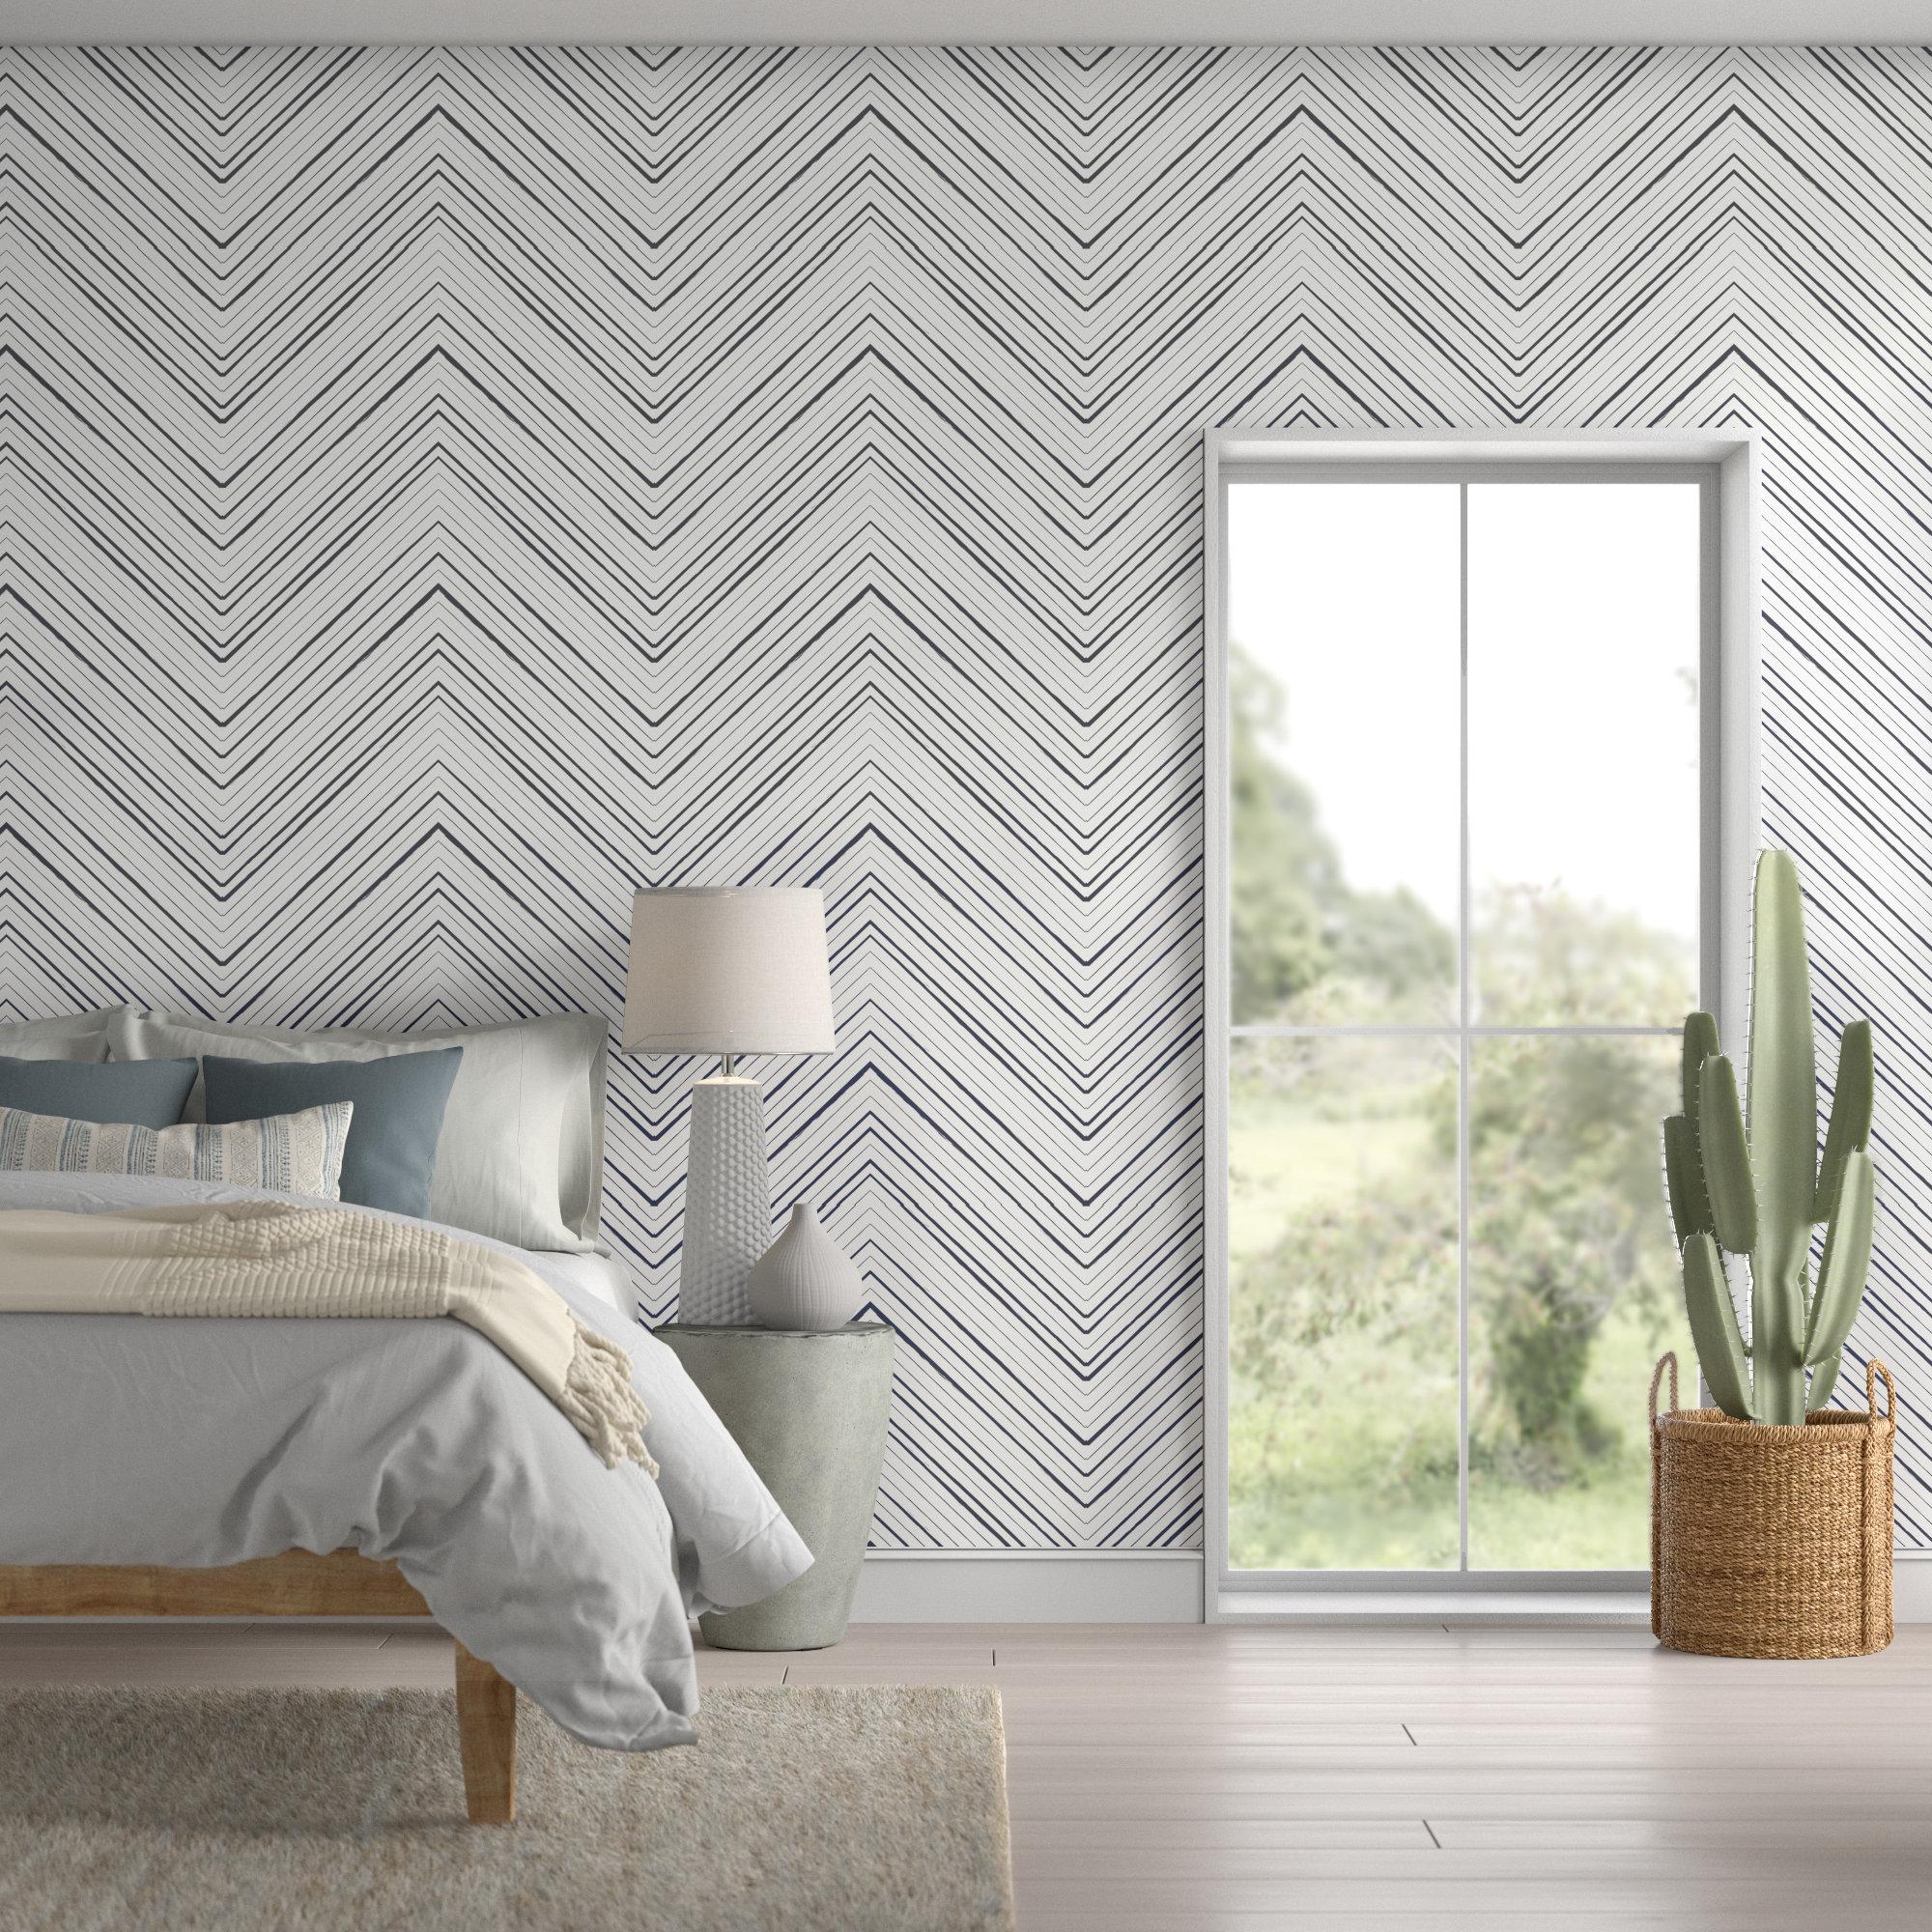 Mistana Summerdale Peel And Stick Wallpaper Panel Reviews Wayfair